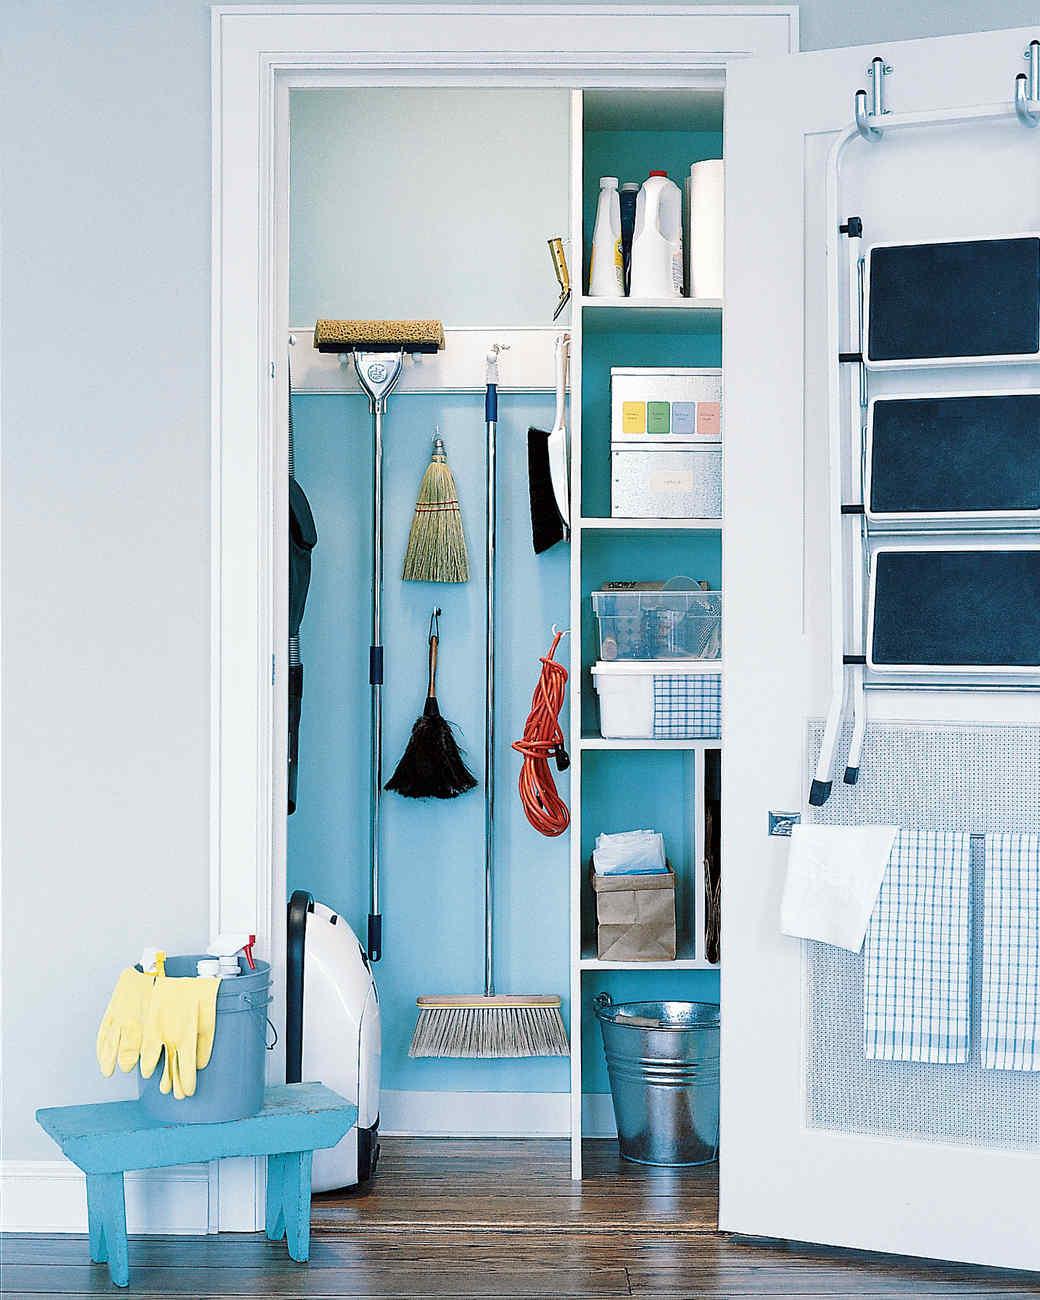 DIY Floor Cleaner Martha Stewart